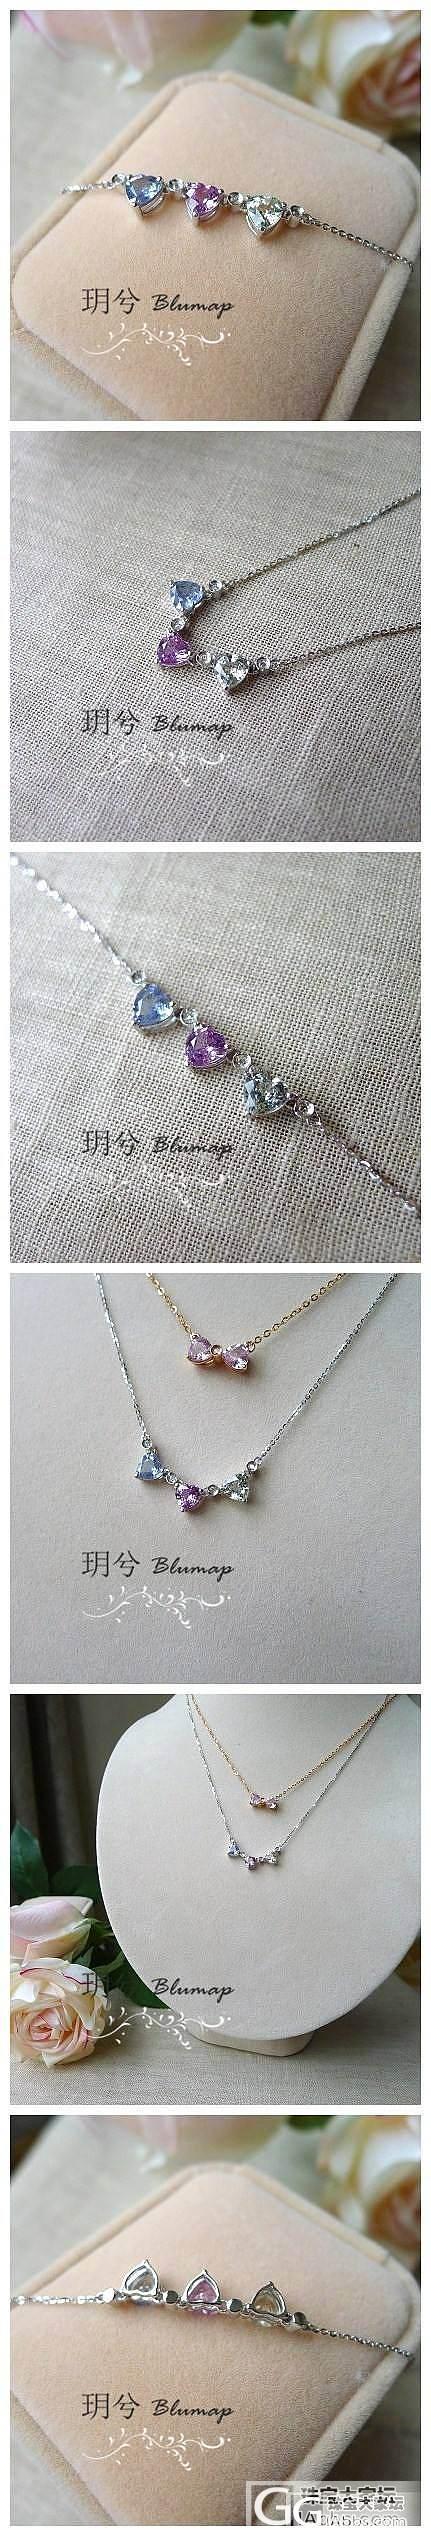 520特价两条 无烧心形蓝宝石锁骨链_宝石